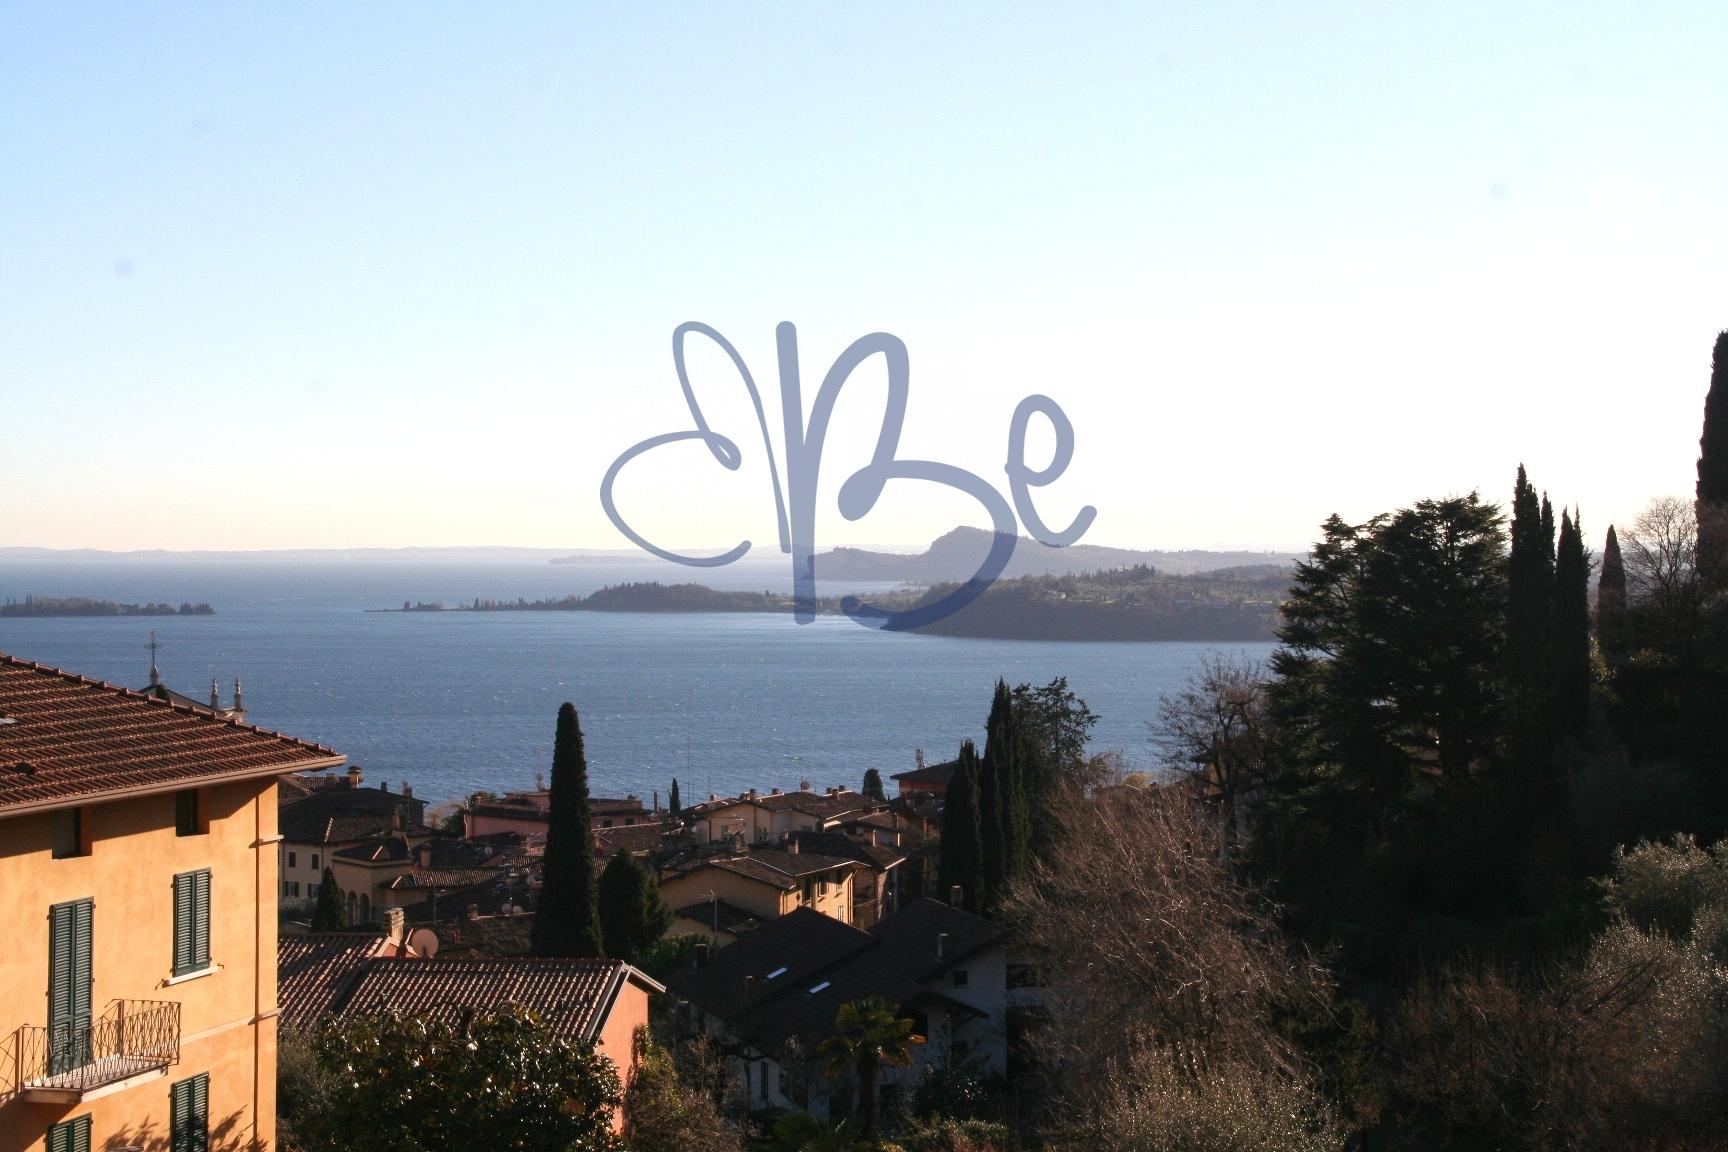 Appartamento in vendita a Gardone Riviera, 4 locali, zona Località: GardoneSopra, prezzo € 335.000 | Cambio Casa.it